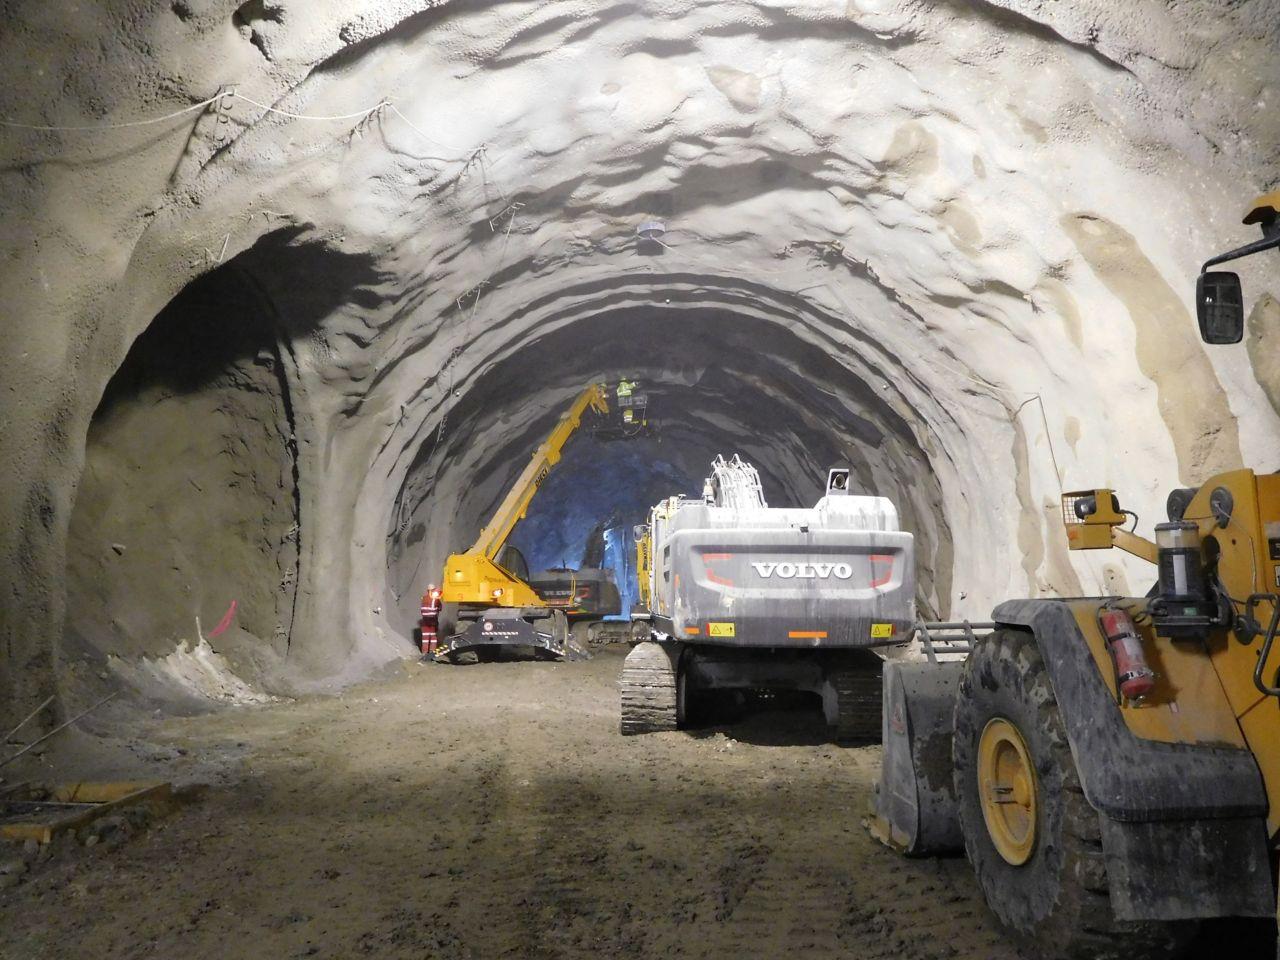 Abdichtung eines Tunnels